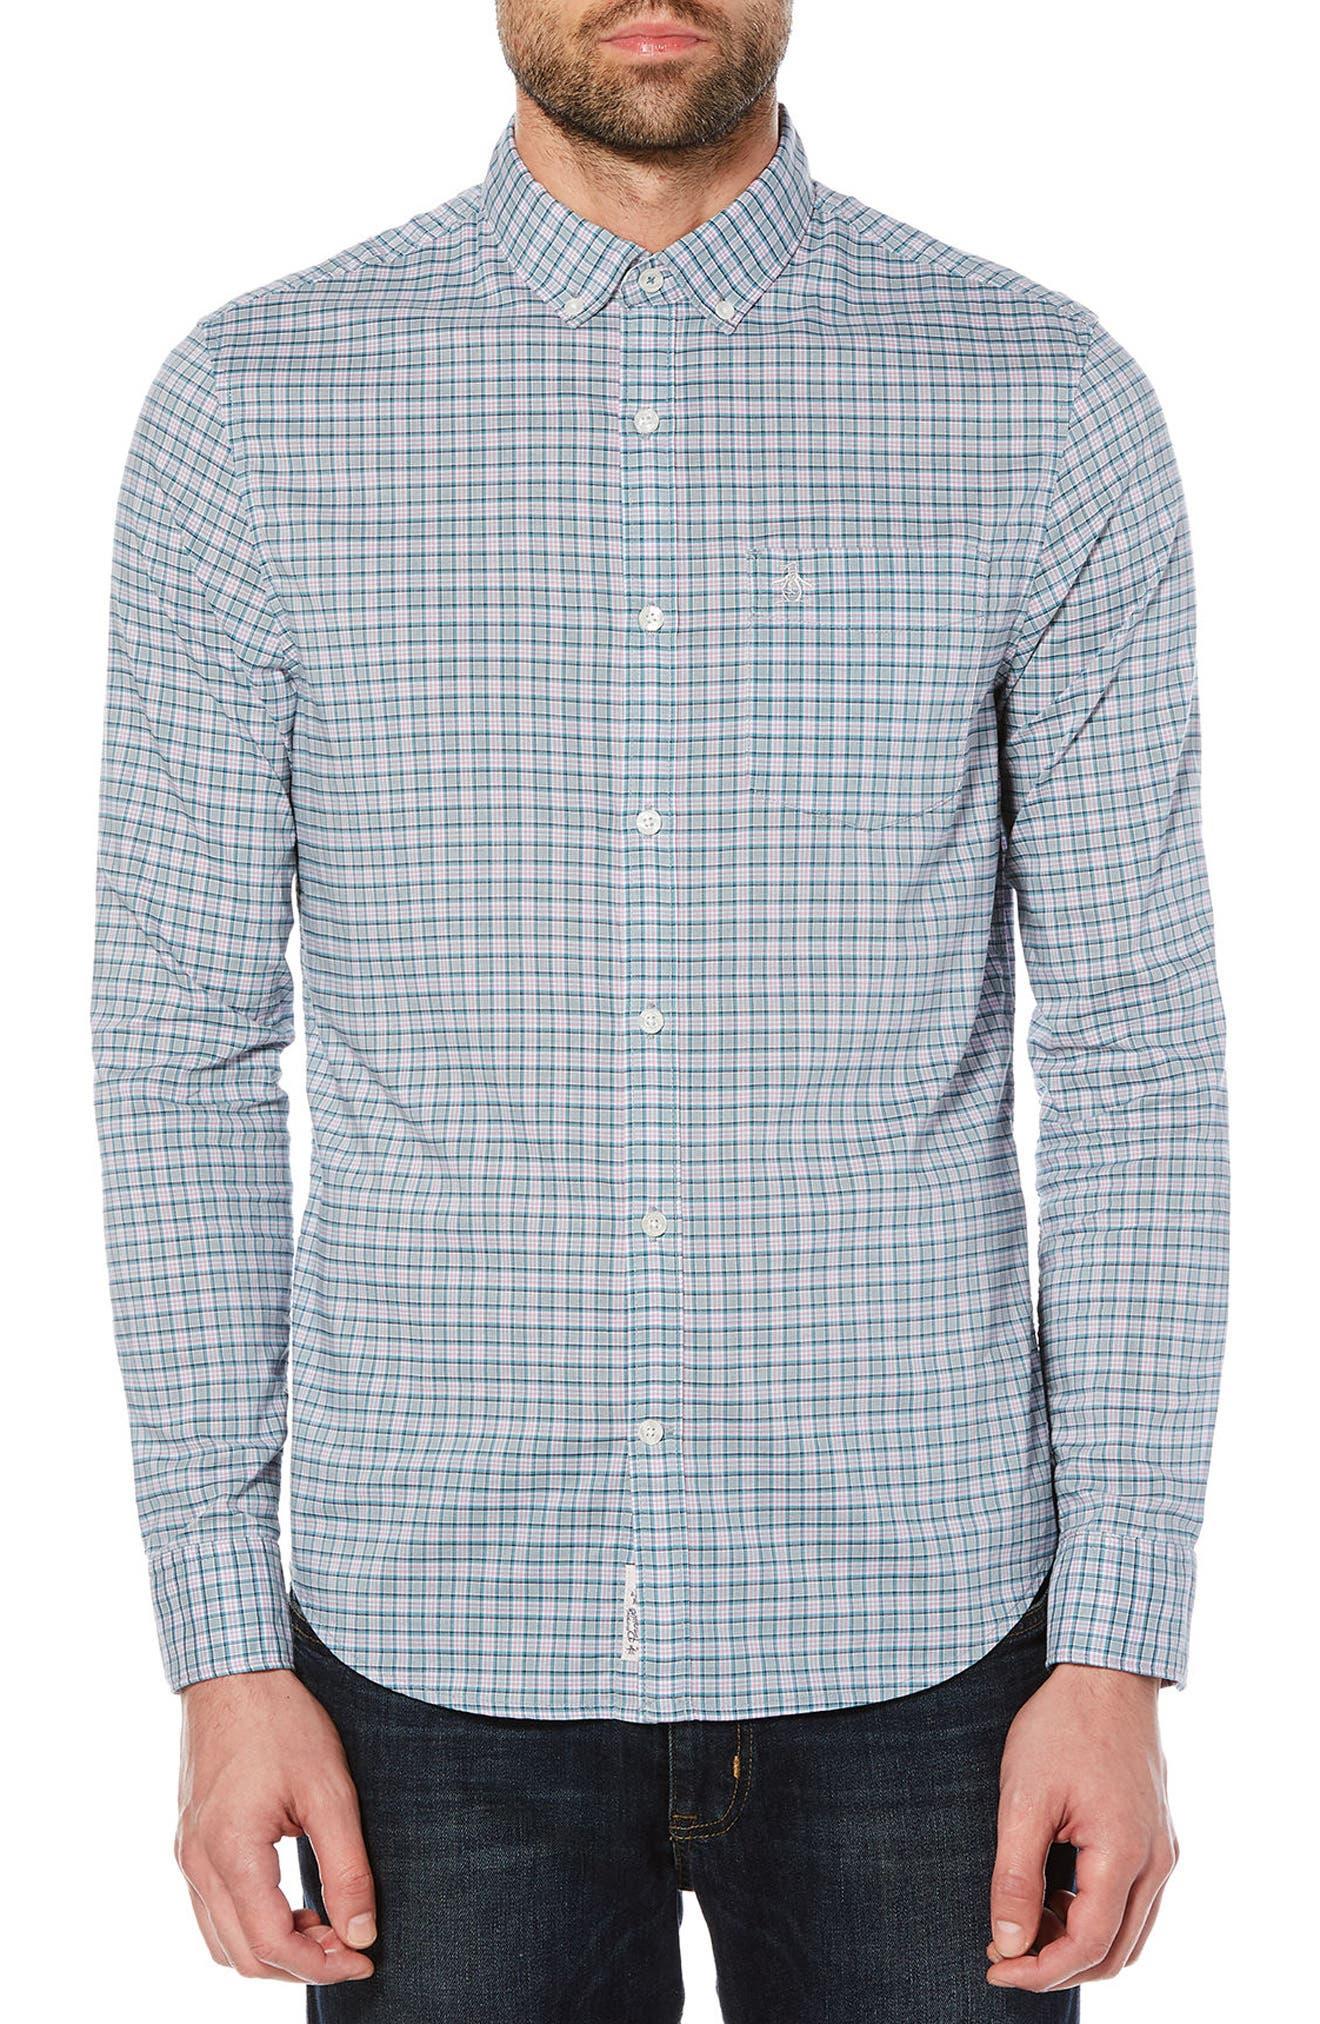 P55 Stretch Shirt,                         Main,                         color, 051